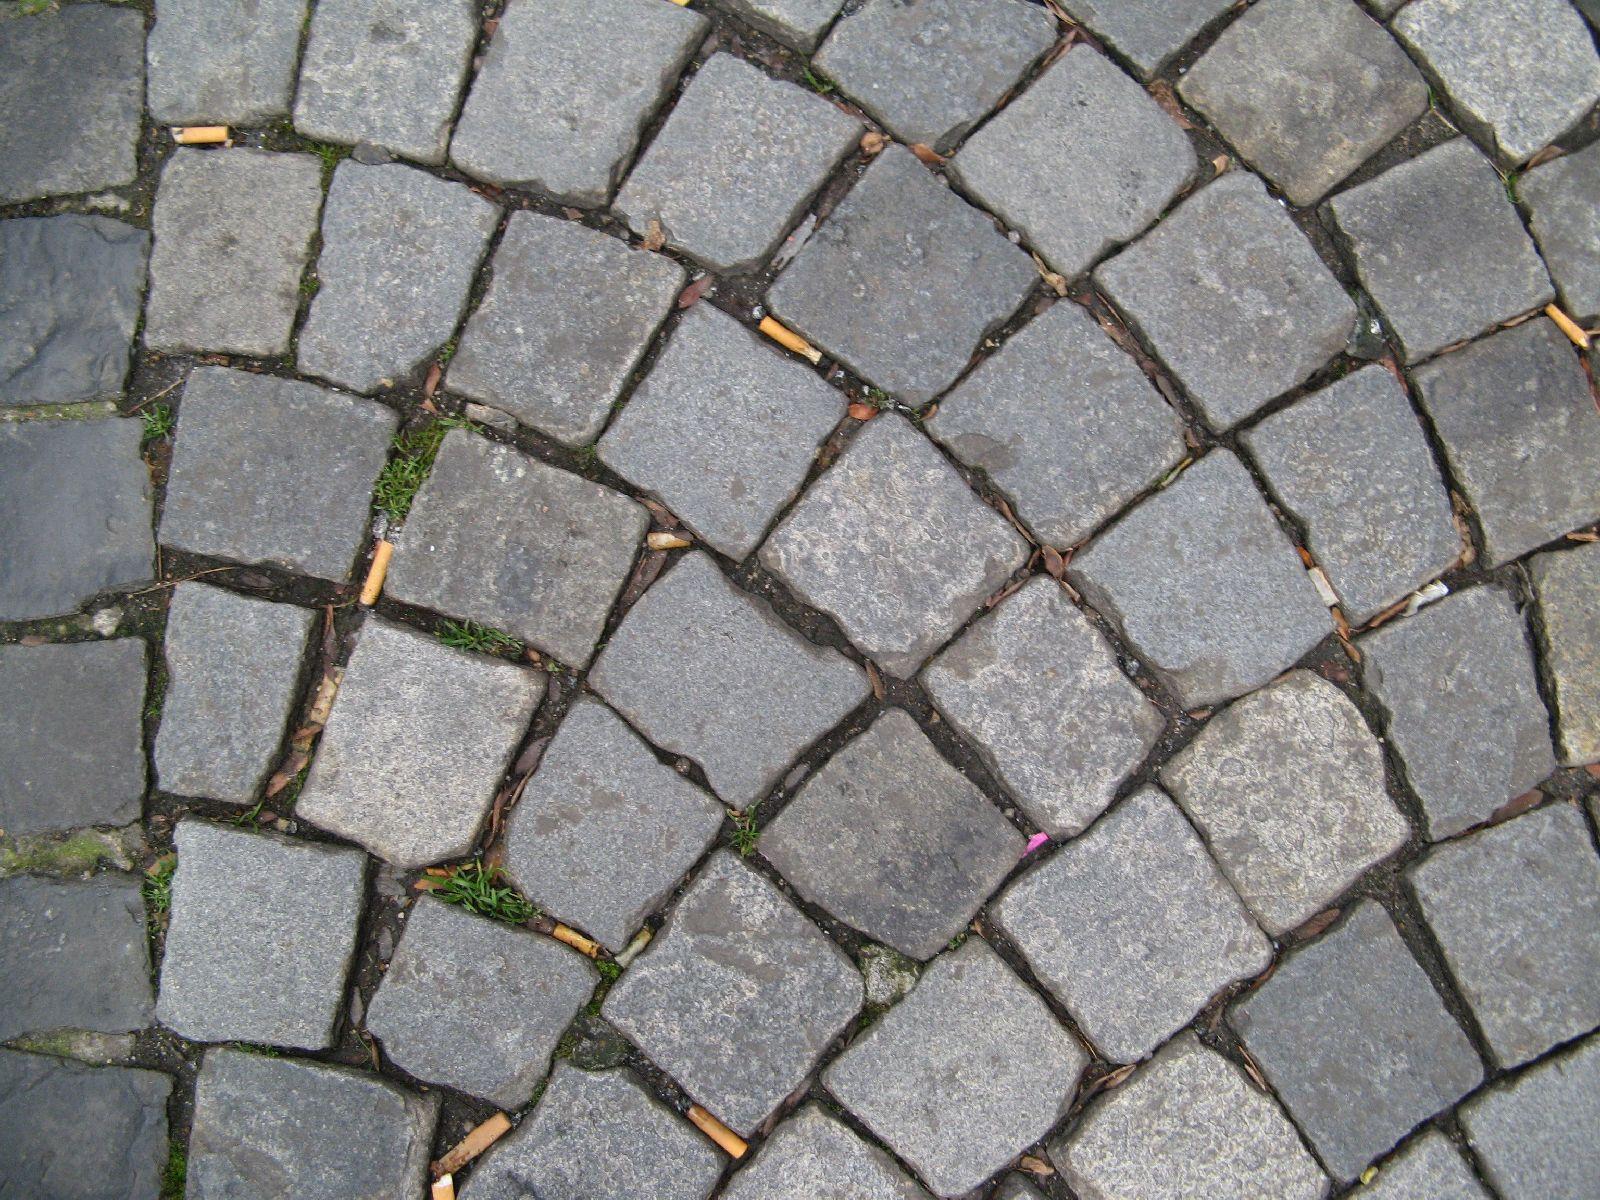 Ground-Urban_Texture_B_0944